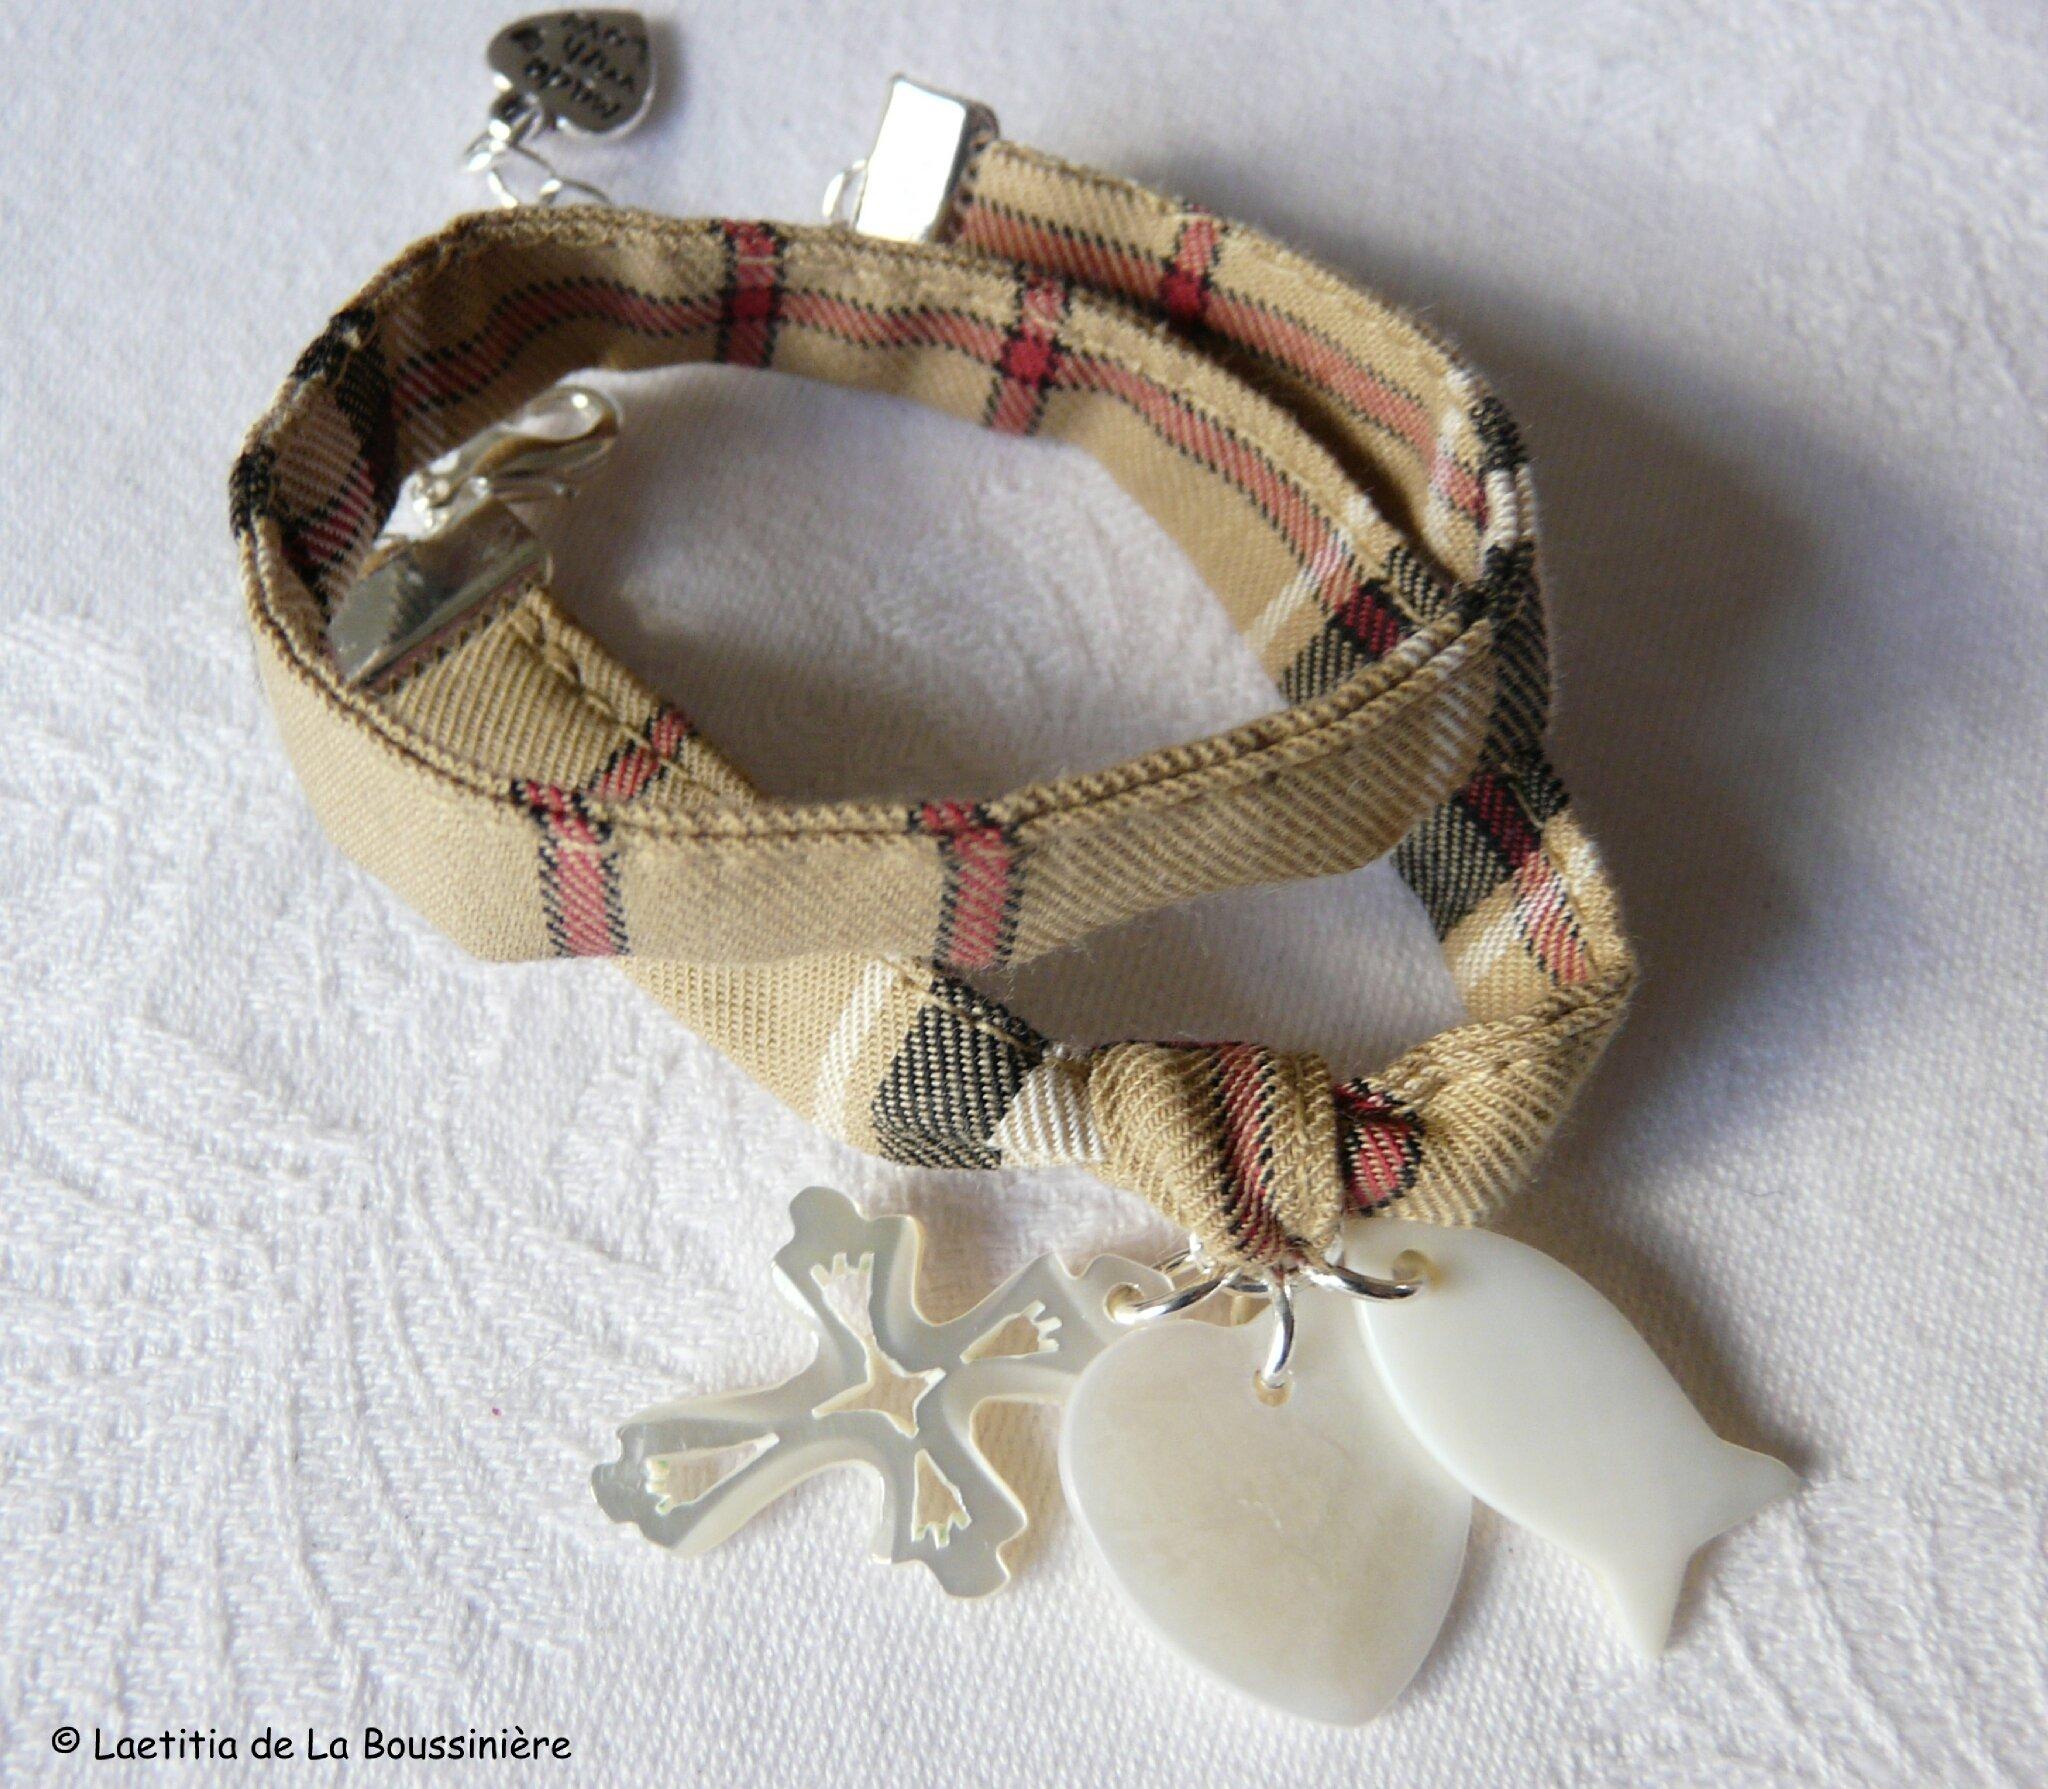 Bracelet double tour sur ruban Foi, Espérance et Charité (nacre)